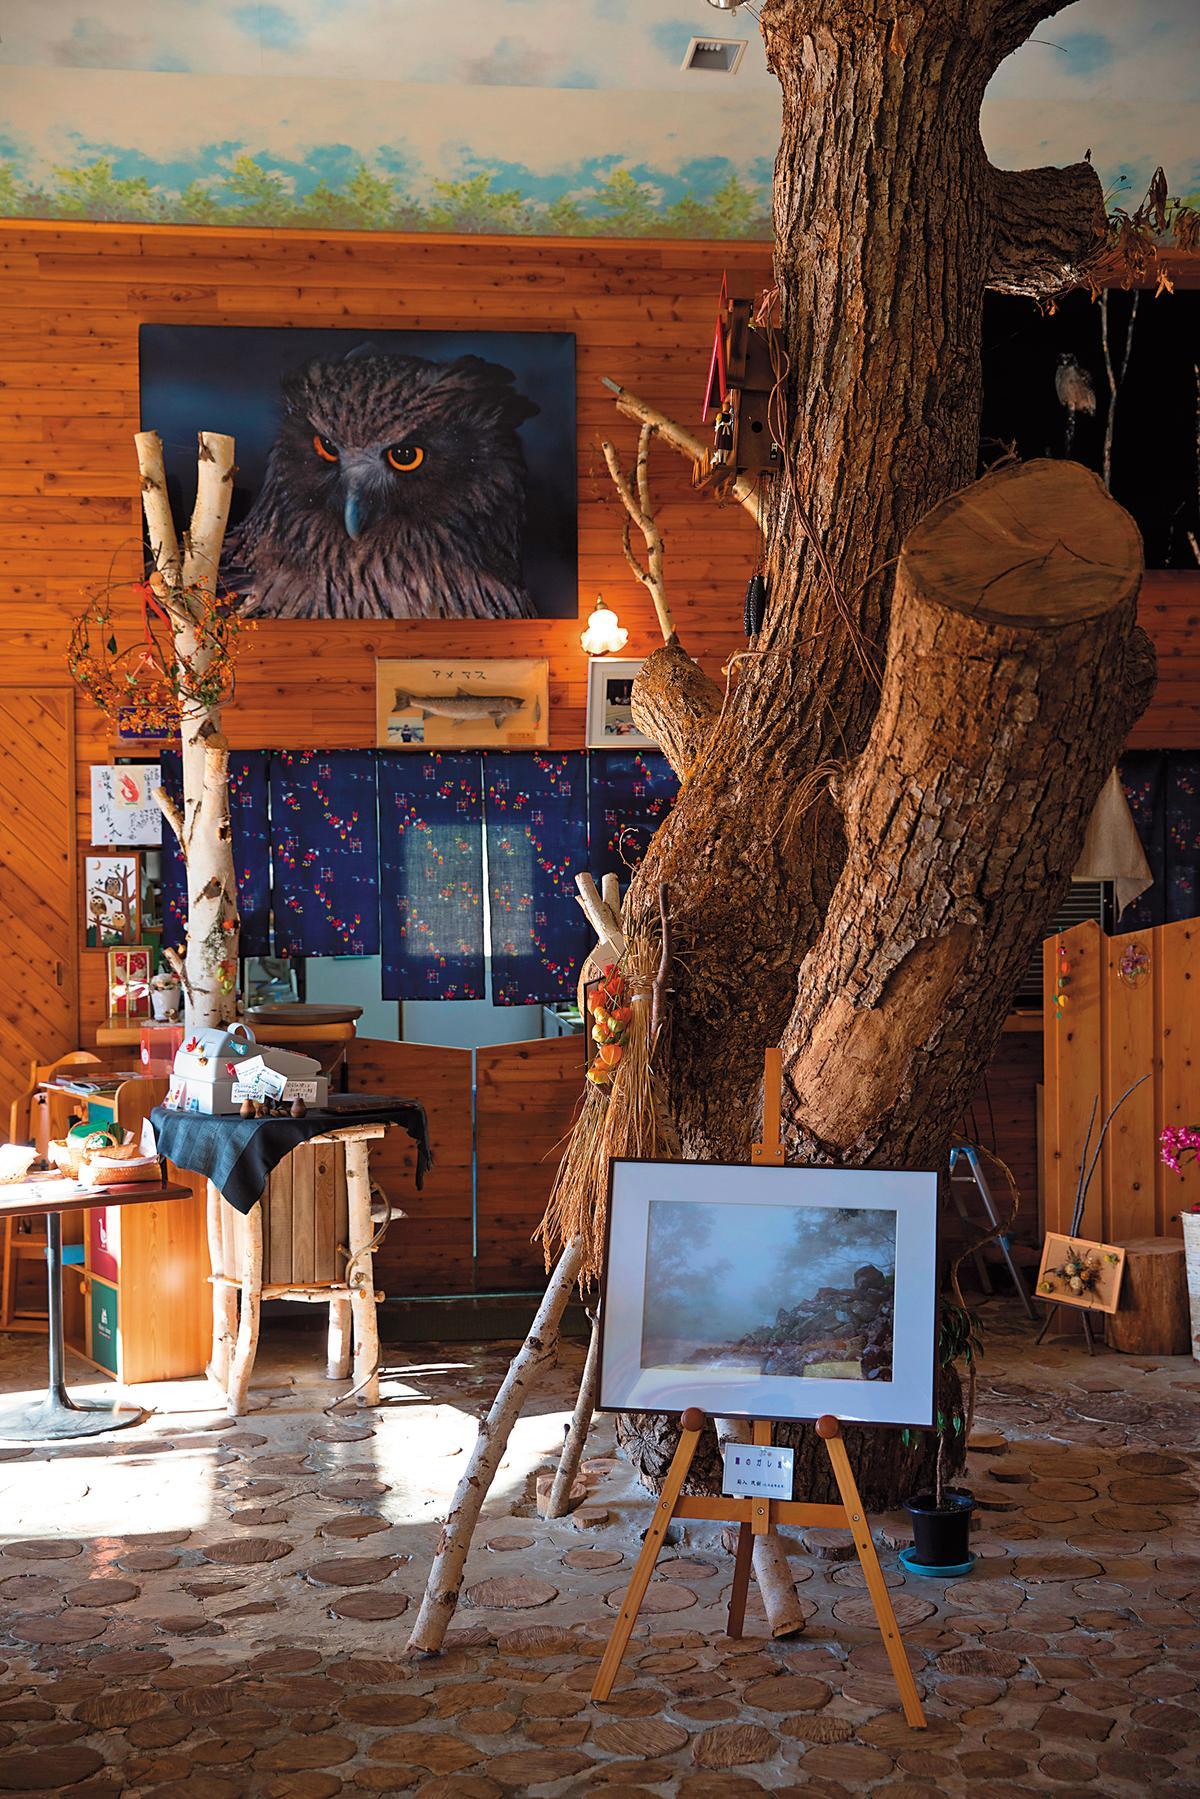 屋內有樹幹穿過,很有山林的自然氣氛。